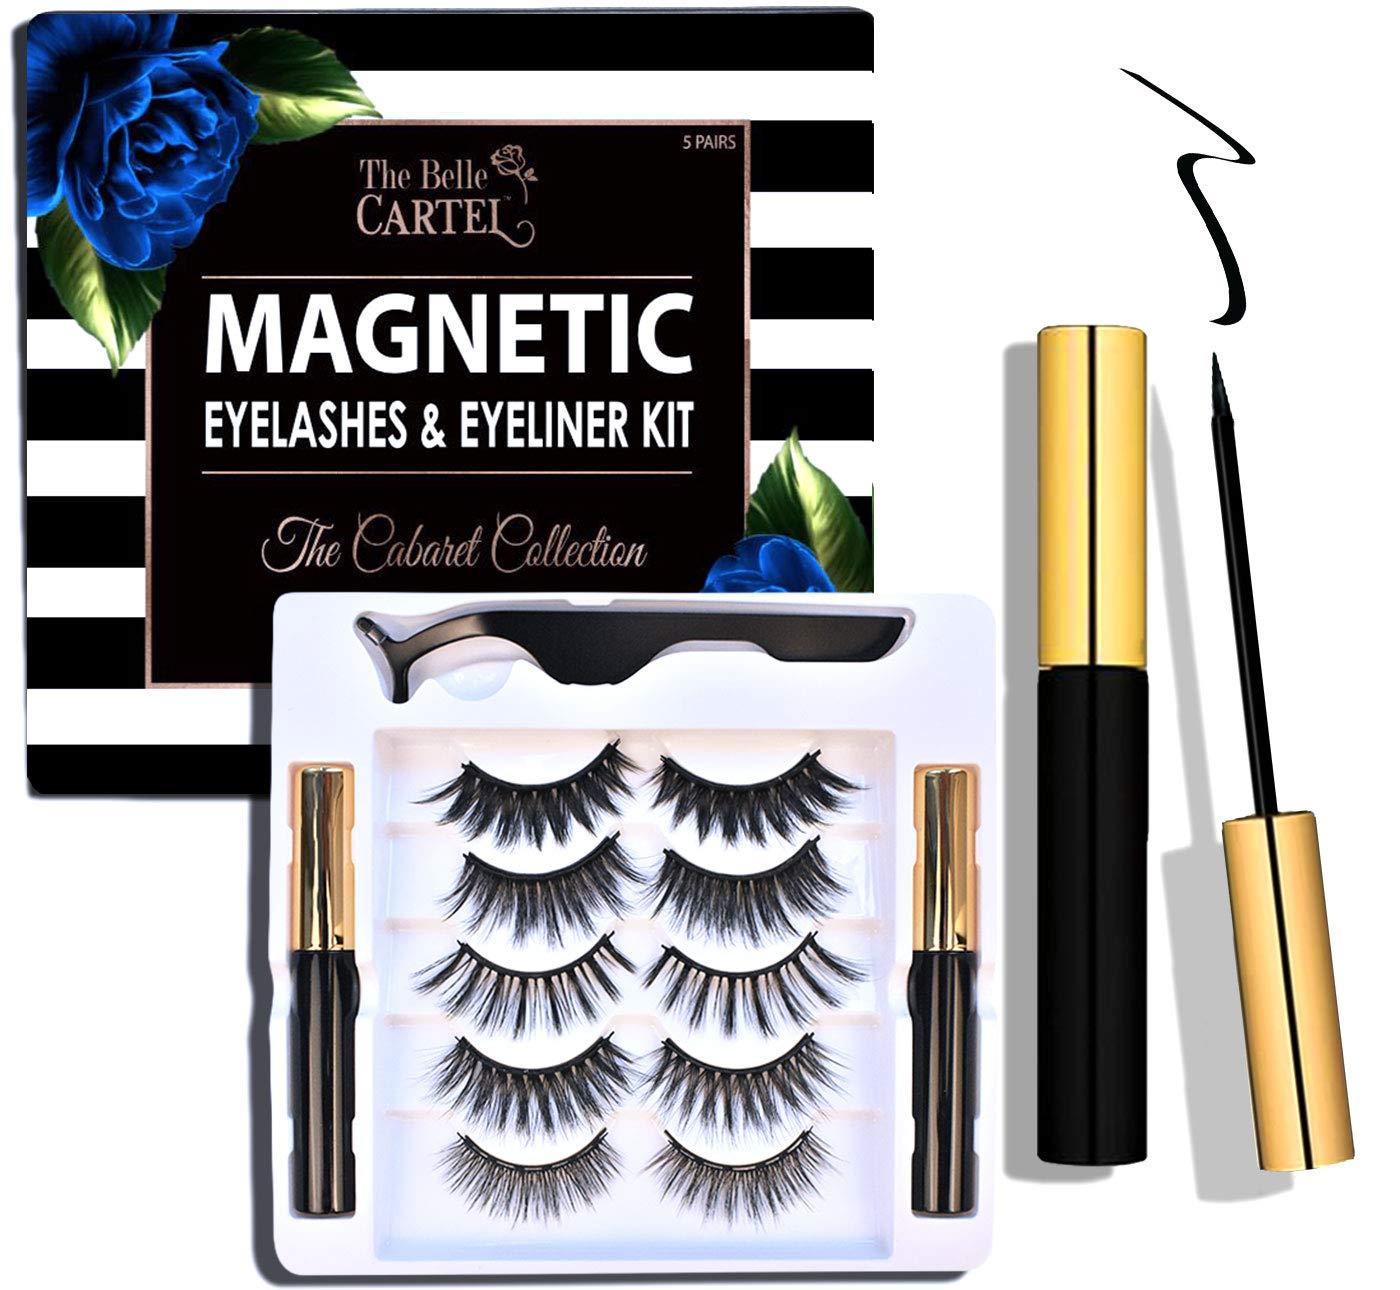 The Belle Cartel Magnetic Eyeliner and Lashes Kit, Magnetic Lashes and Eyeliner Set, Reusable Magnetic Lashes, Dramatic Lashes, Full Volume Magnet Lashes, Party Eyelashes, No Glue (Cabaret - 5 Pairs)